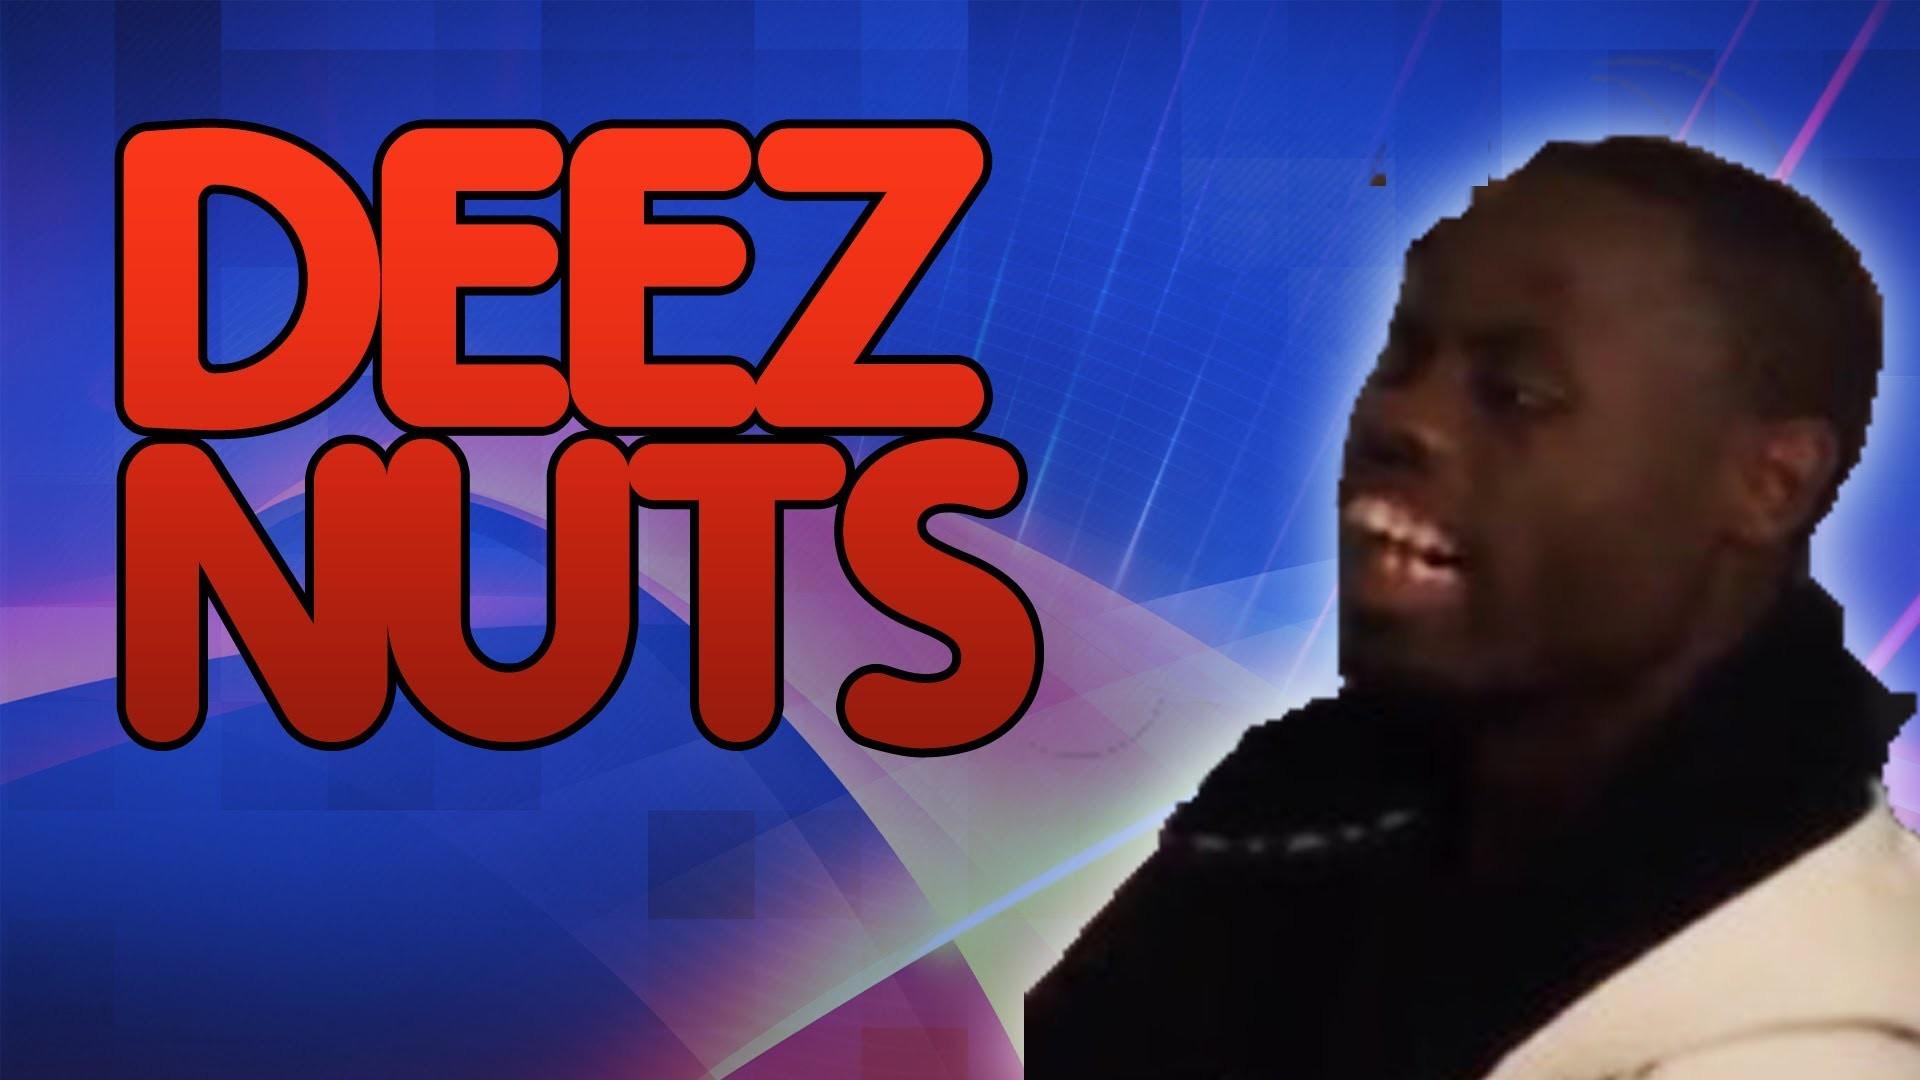 Source · Deez Nuts Desktop Wallpaper www picturesboss com